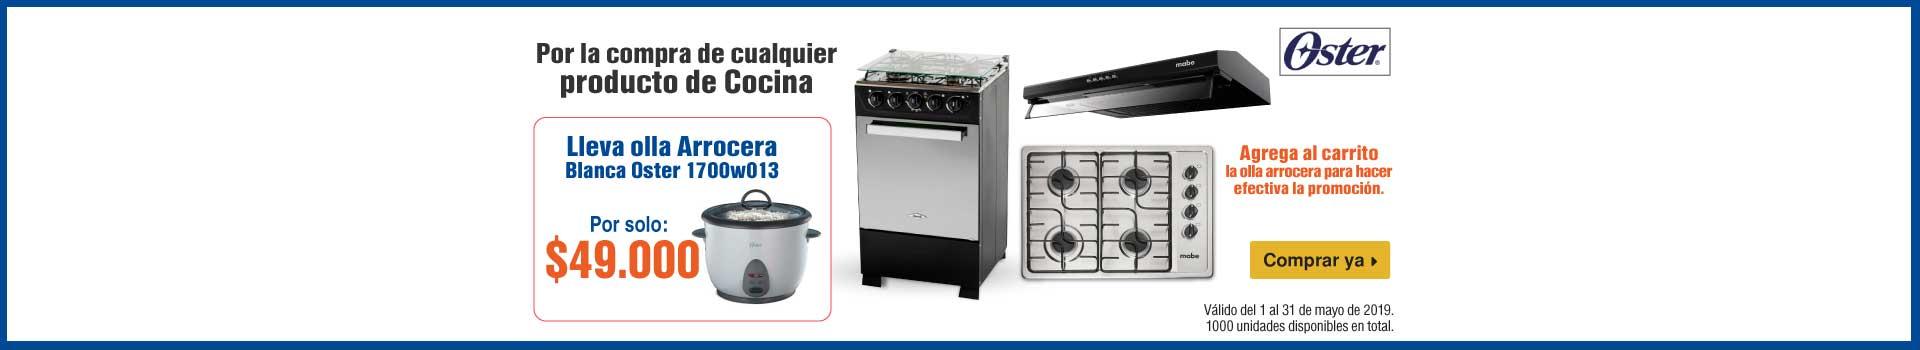 AK-KT-mayores-1-ELECT-BCAT-cocina-oster-010519